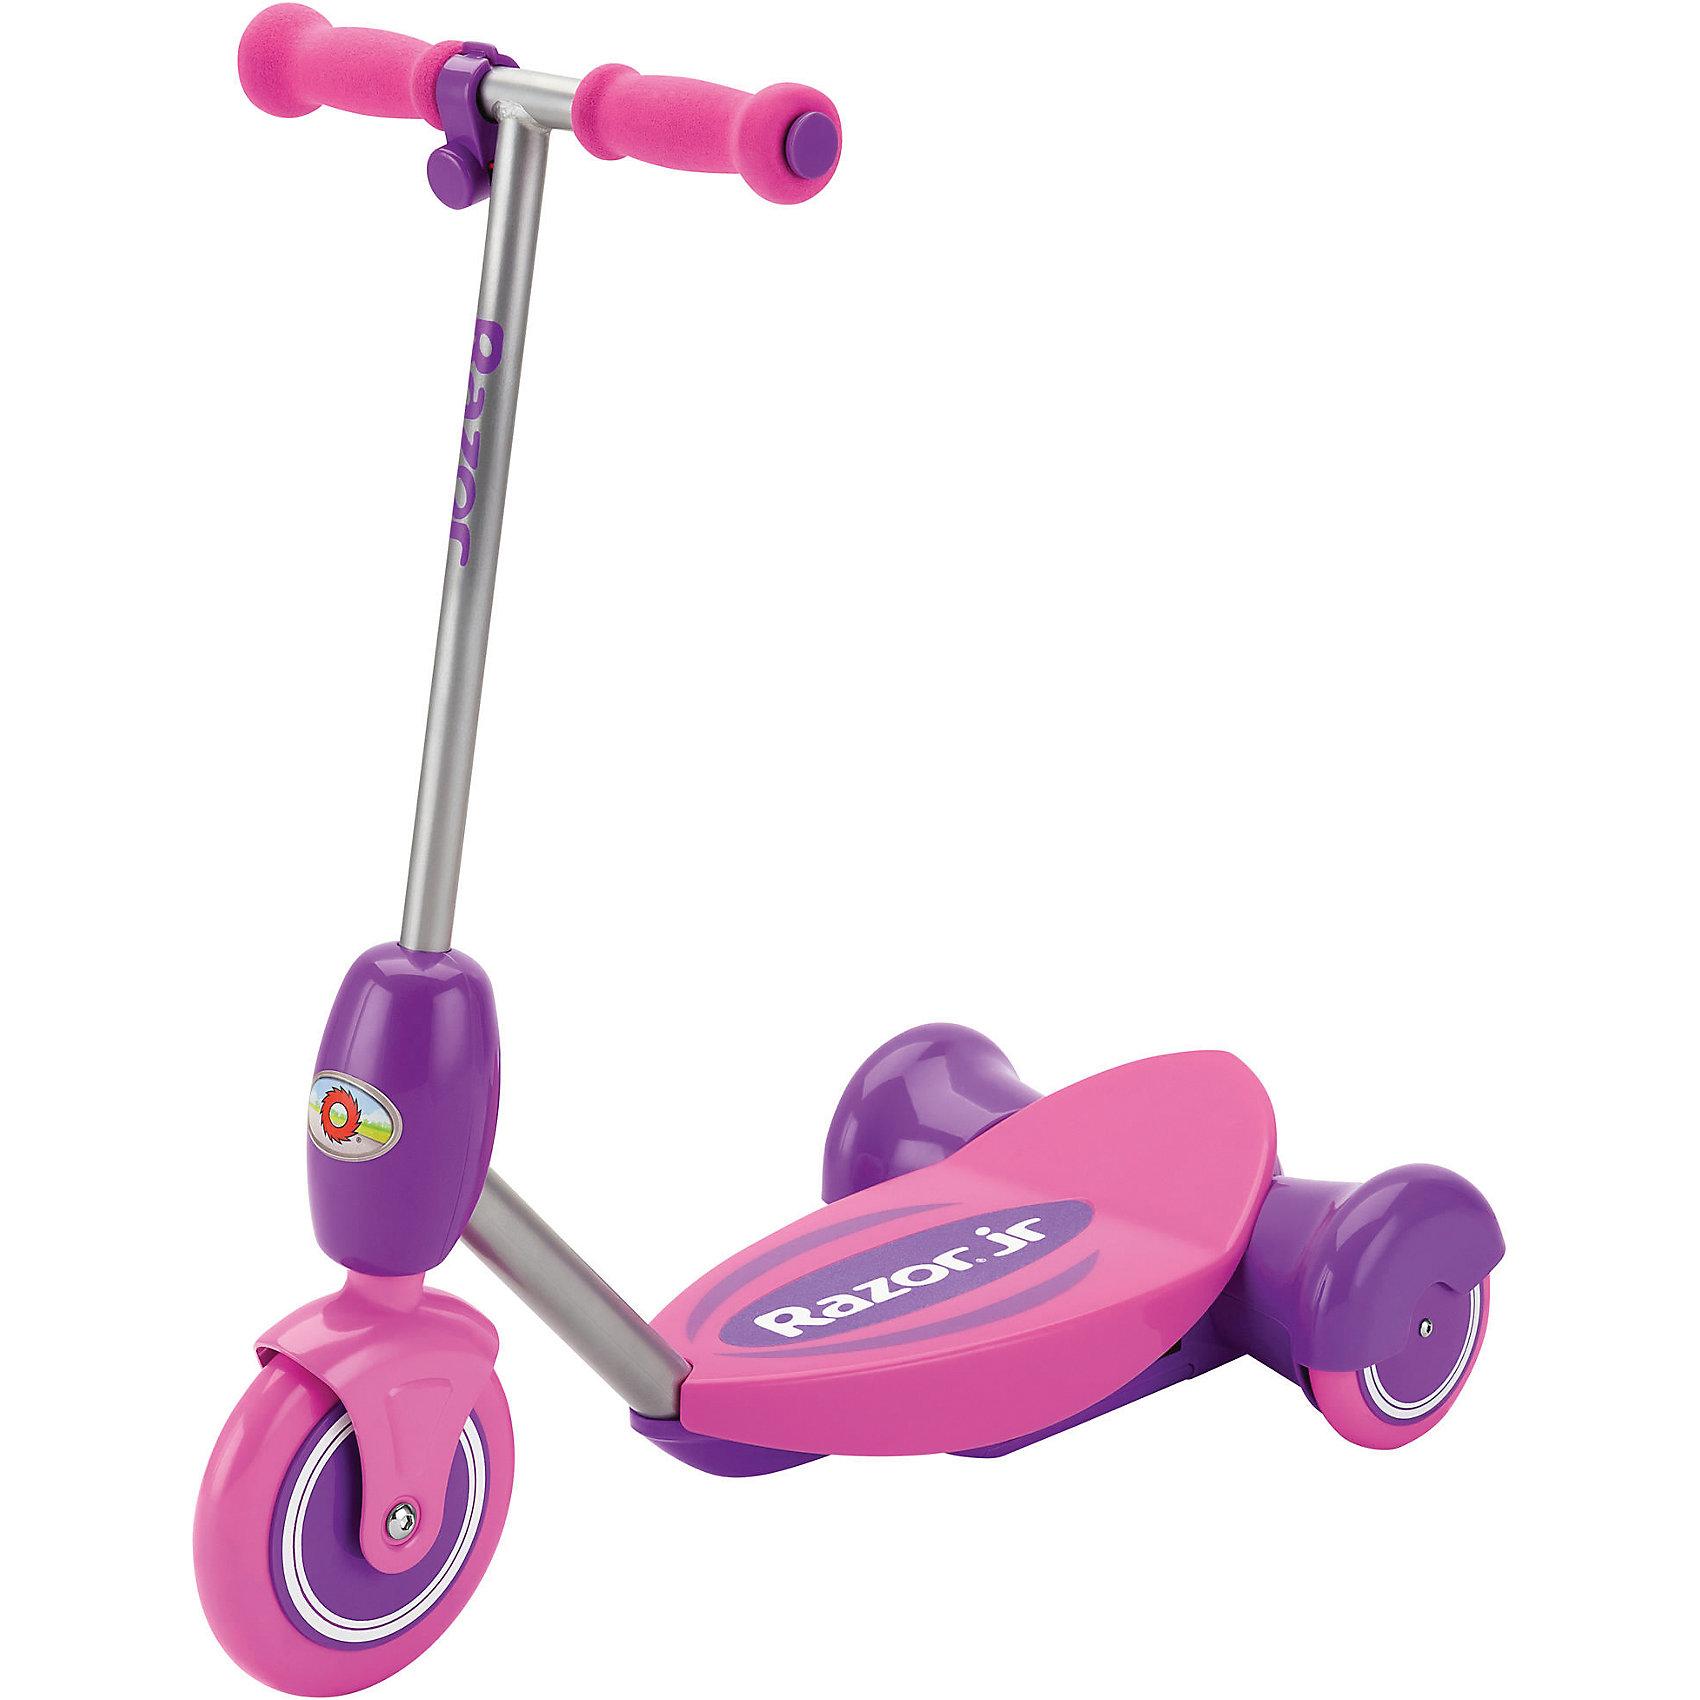 Электро-самокат Lil E, розовый, RazorСамокаты<br>Электро-самокат Lil E, розовый, Razor (Рэзор)<br><br>Характеристики:<br><br>• подходит для детей от 2-х лет<br>• удобное съемное сиденье<br>• кнопка газа находится на руле<br>• тихий электромотор<br>• скорость до 3 км/ч<br>• плавный набор скорости<br>• широкая платформа<br>• мягкие ручки<br>• соответствует всем требованиям безопасности<br>• время работы - 50 минут<br>• остановки при отпускании кнопки газа<br>• аккумулятор 6V<br>• рост ребенка: 80-130 см<br>• максимальная нагрузка: 20 кг<br>• цвет: розовый<br>• размер упаковки: 32х28х64 см<br>• вес: 3050 грамм<br><br>Электро-самокат вызовет восторг у каждого ребенка. Для начинающих гонщиков в комплект входит съемное сиденье, которое защитит от падений при управлении. Управлять самокатом очень просто. <br><br>Кнопка газа находится на руле. Электро-самокат плавно набирает скорость и полностью останавливается при отпускании кнопки газа. Время работы при полной зарядке - 50 минут. Электро-самокат отвечает всем требованиям безопасности. <br><br>Электро-самокат Lil E, розовый, Razor (Рэзор) можно купить в нашем интернет-магазине.<br><br>Ширина мм: 640<br>Глубина мм: 280<br>Высота мм: 320<br>Вес г: 3050<br>Возраст от месяцев: 36<br>Возраст до месяцев: 2147483647<br>Пол: Женский<br>Возраст: Детский<br>SKU: 5448970